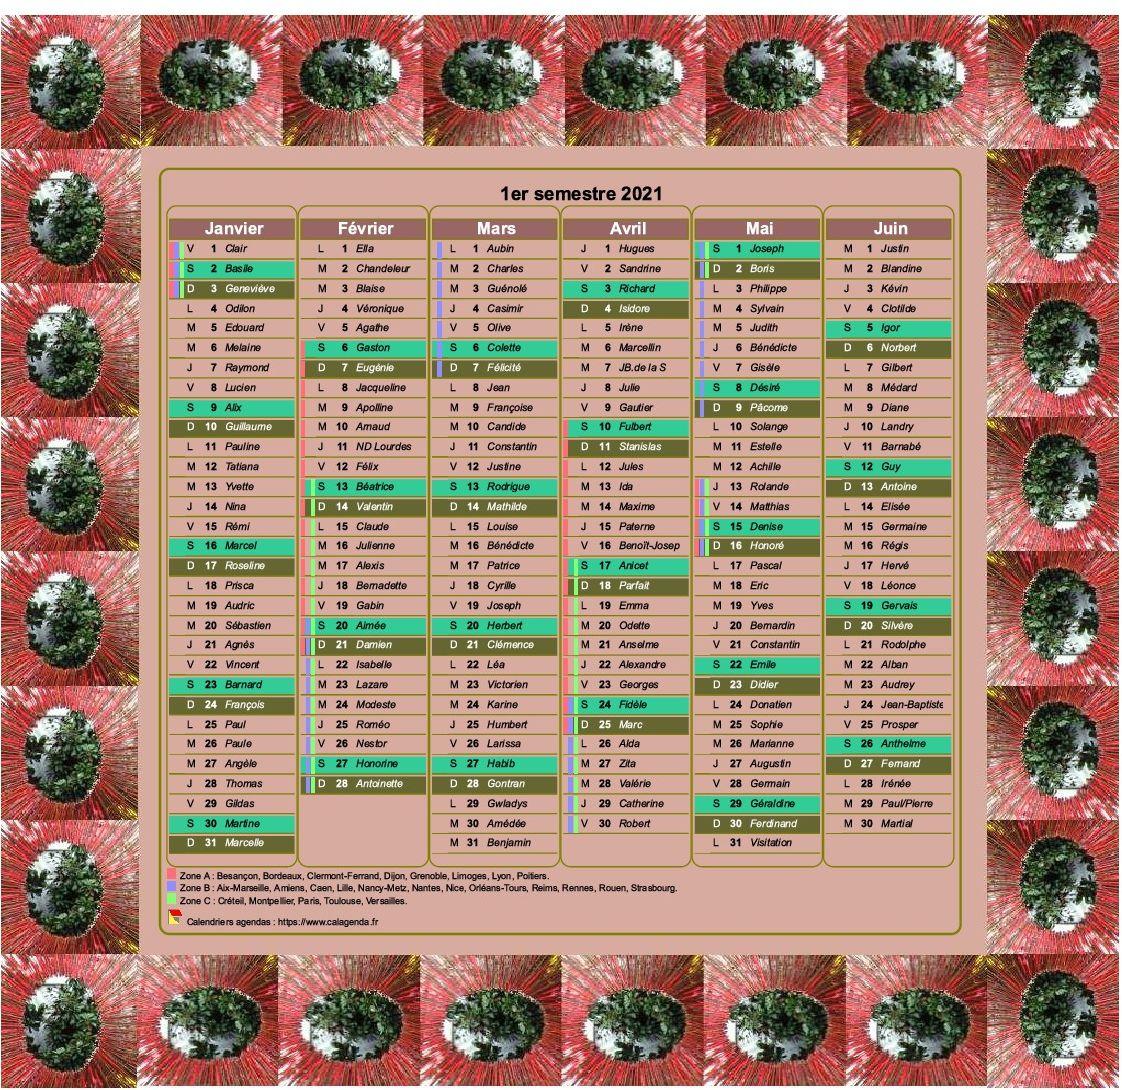 Calendrier 2021 semestriel décoratif à imprimer, avec cadre photo